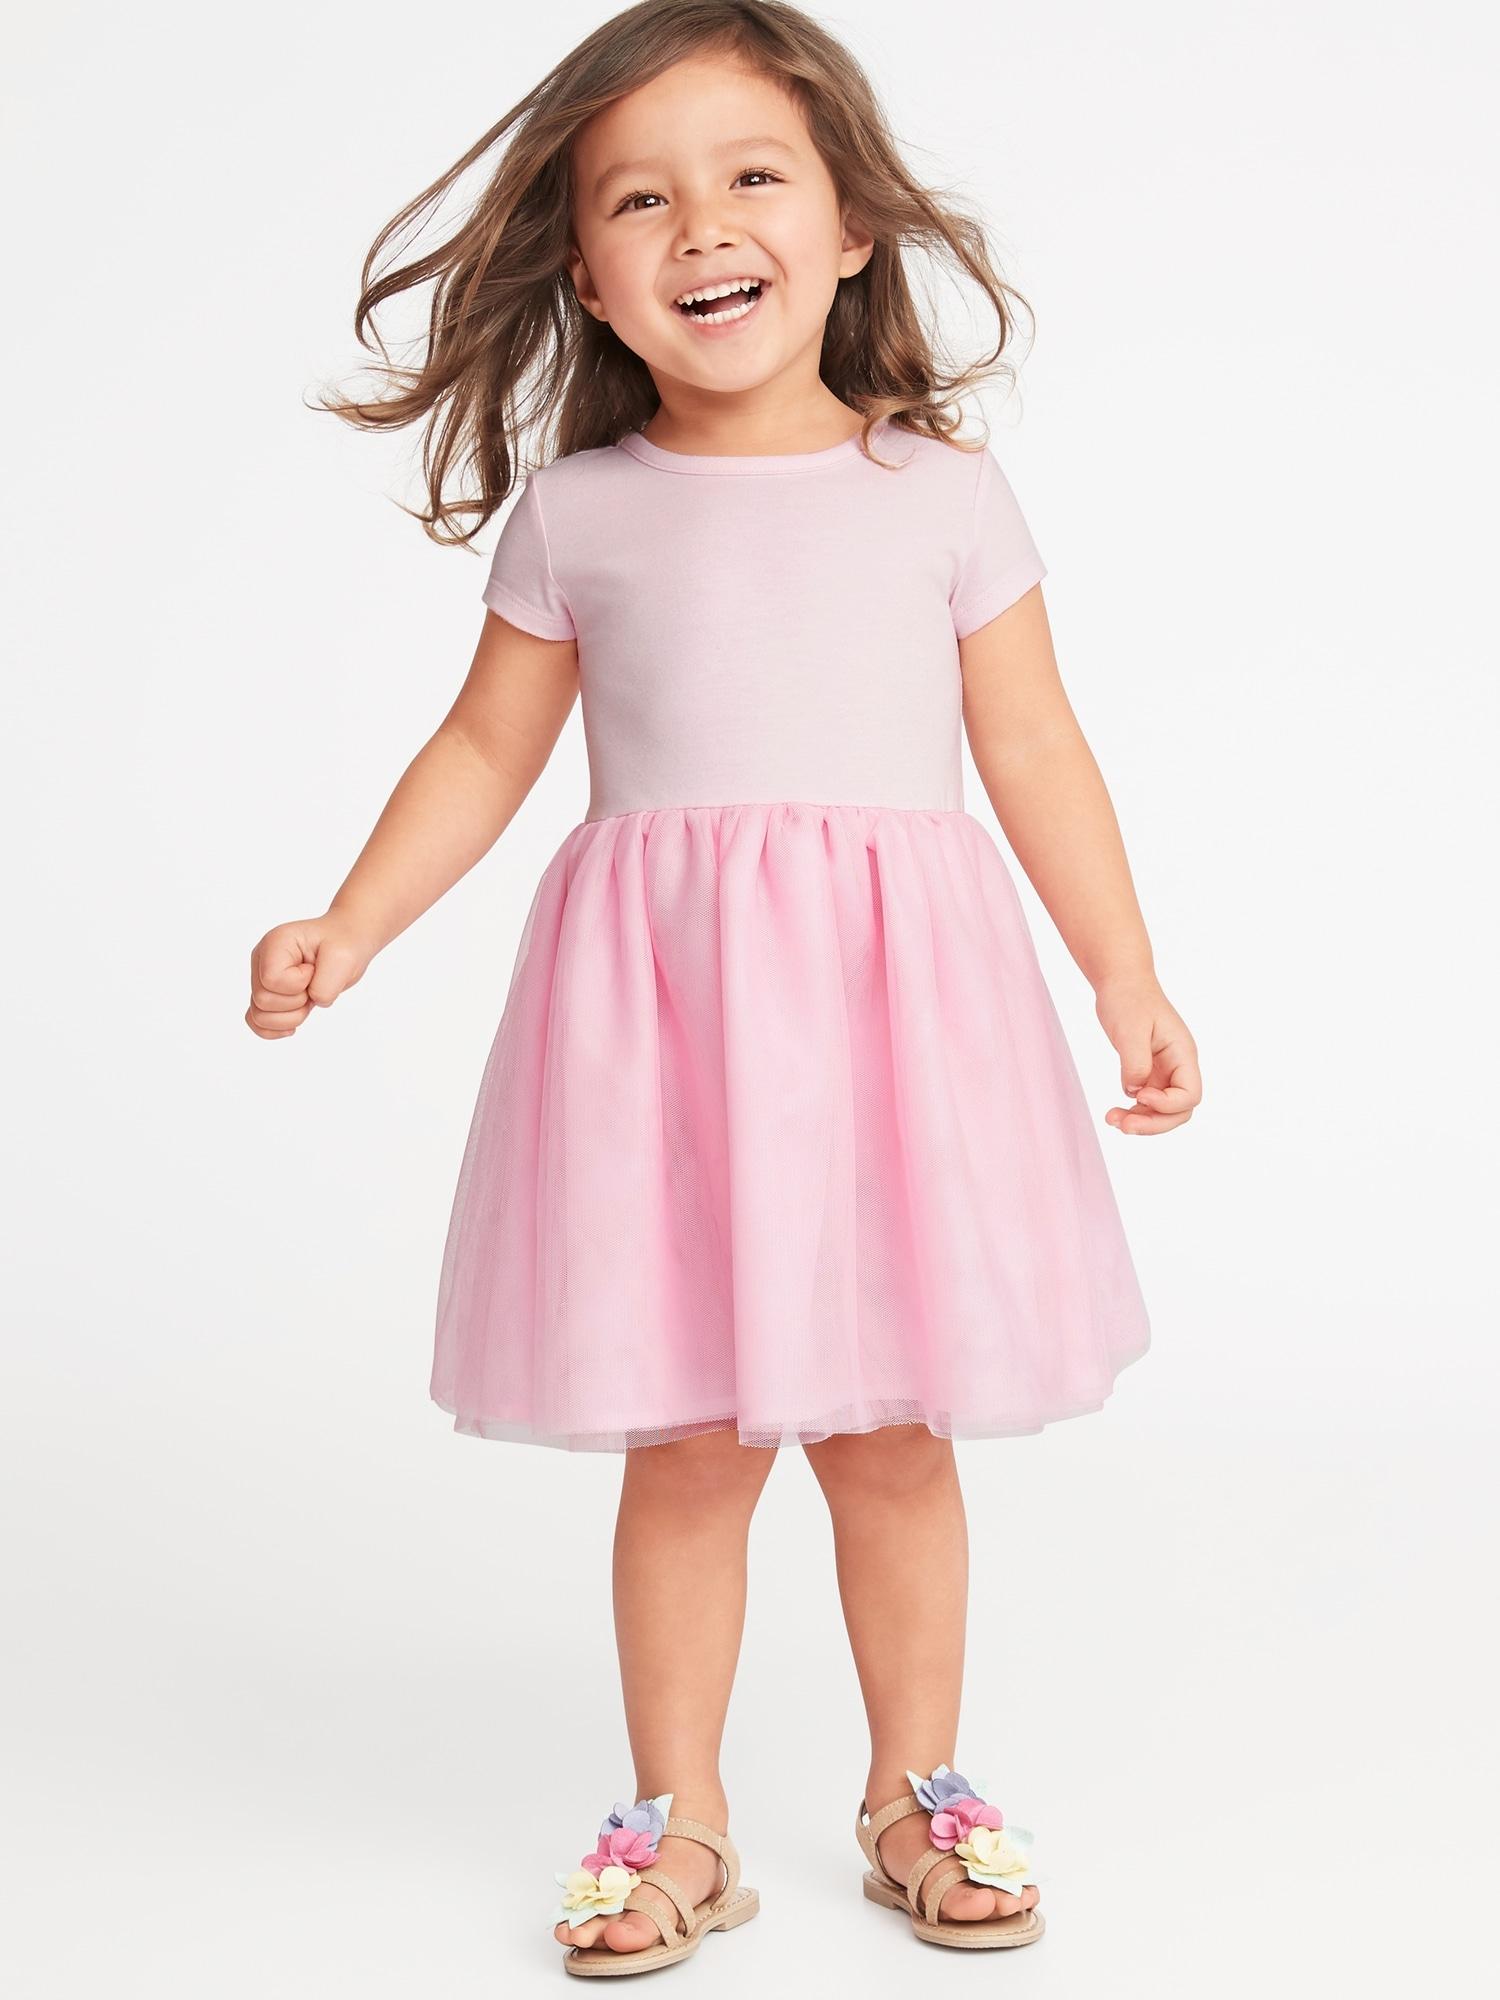 d425aaf416 Fit   Flare Tutu Dress for Toddler Girls